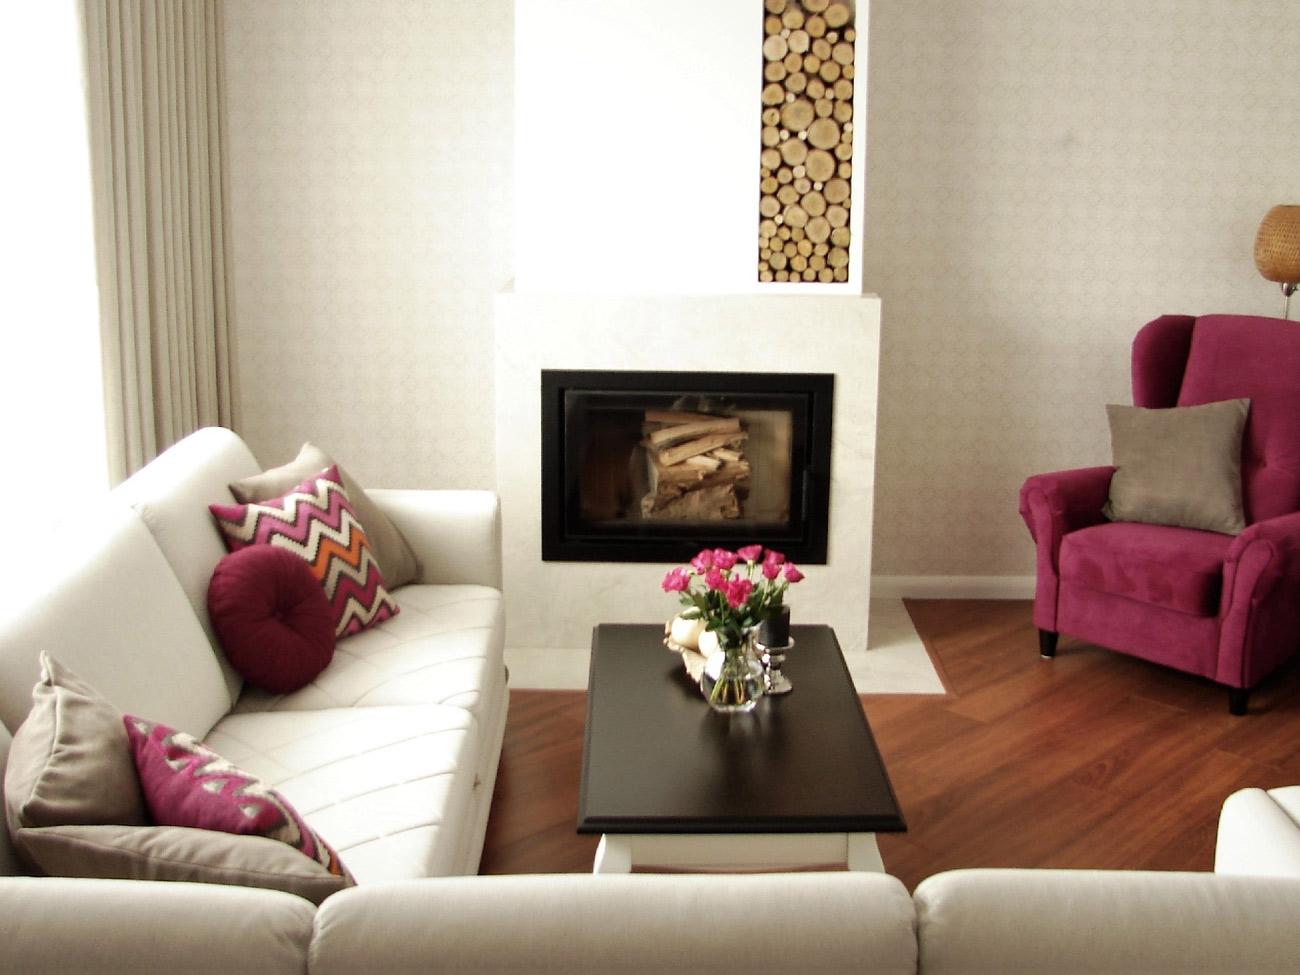 salon z sofą, fotelem, poduchami i zasłonami